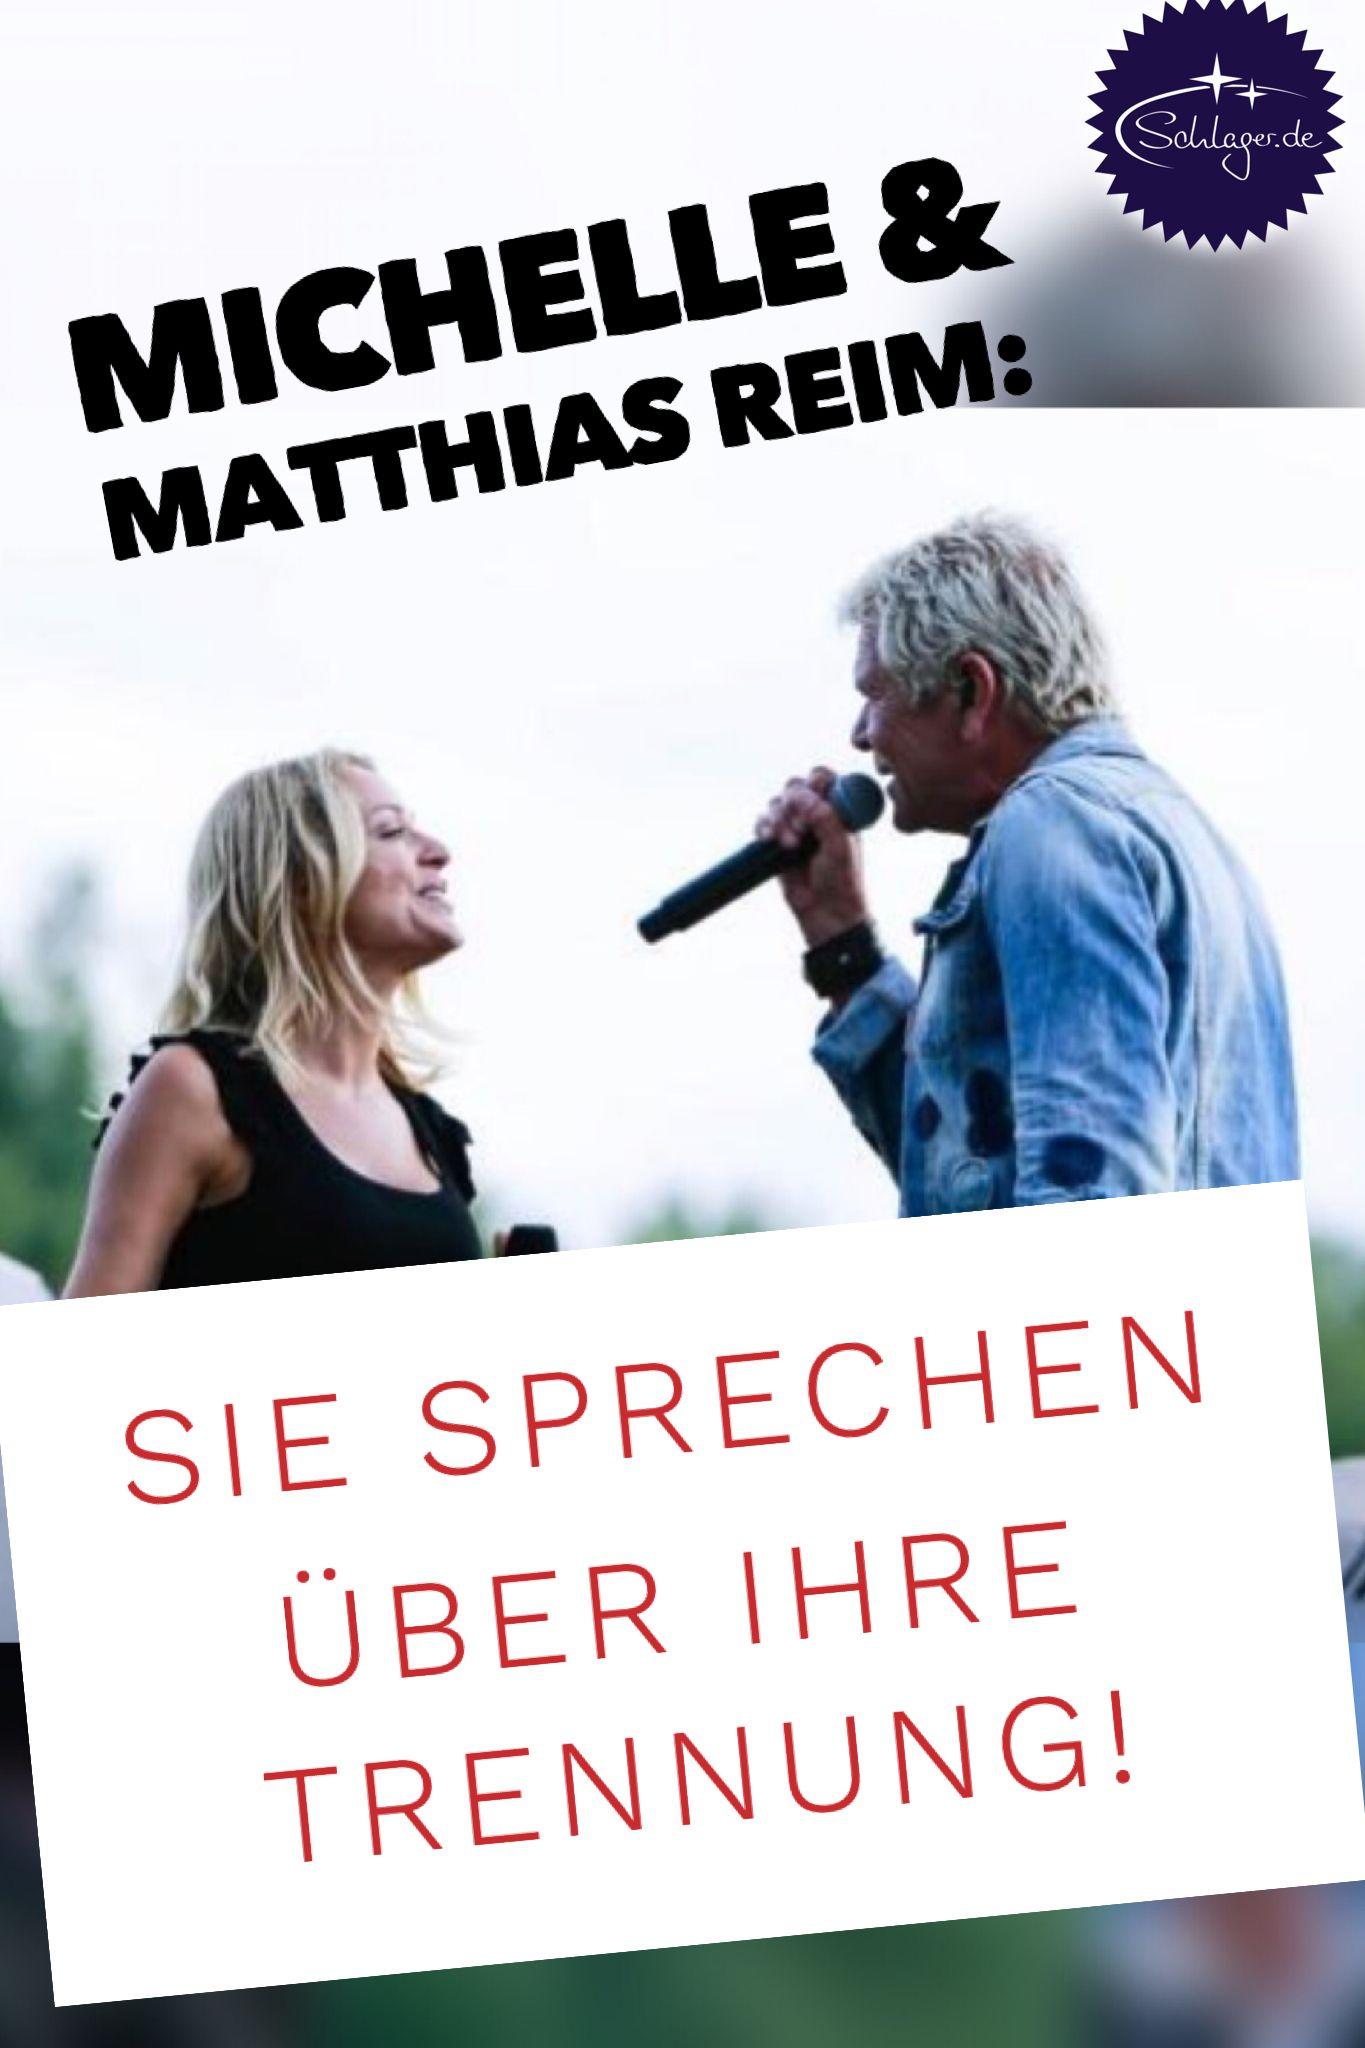 Michelle Und Matthias Reim Sprechen Uber Ihre Trennung Top